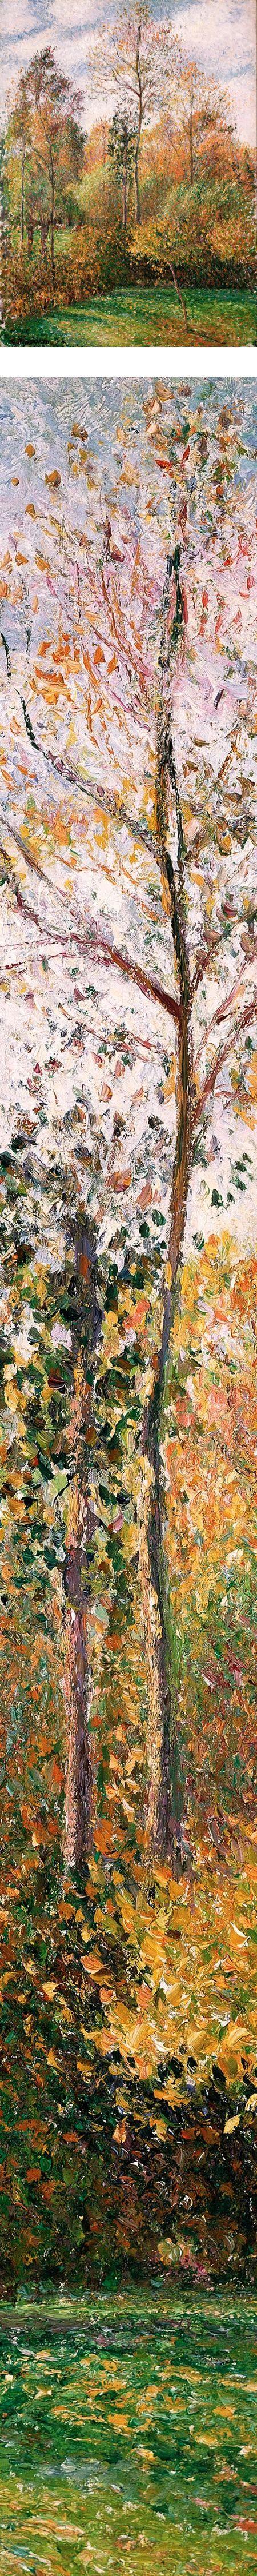 Camille Pissarro - Autumn Poplars, Eragny